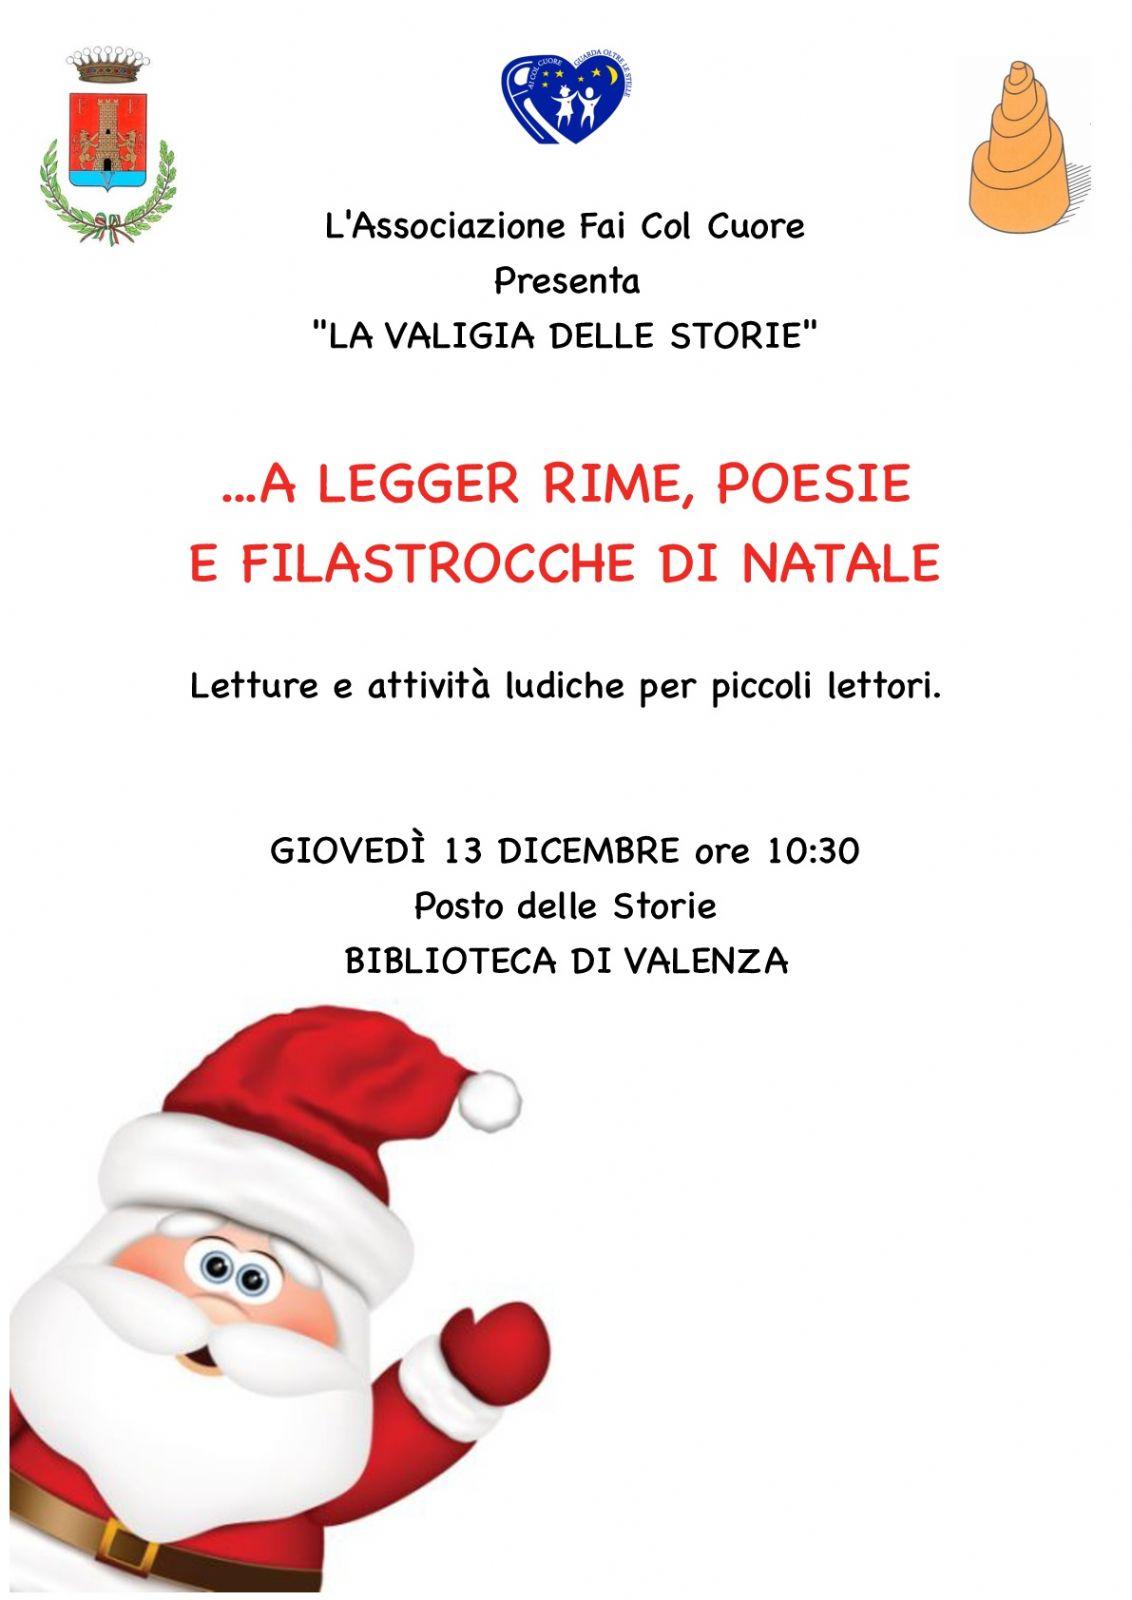 Poesie Di Natale In Rima.Letture Natalizie Per Bambini A Legger Rime Poesie E Filastrocche Di Natale Citta Di Valenza